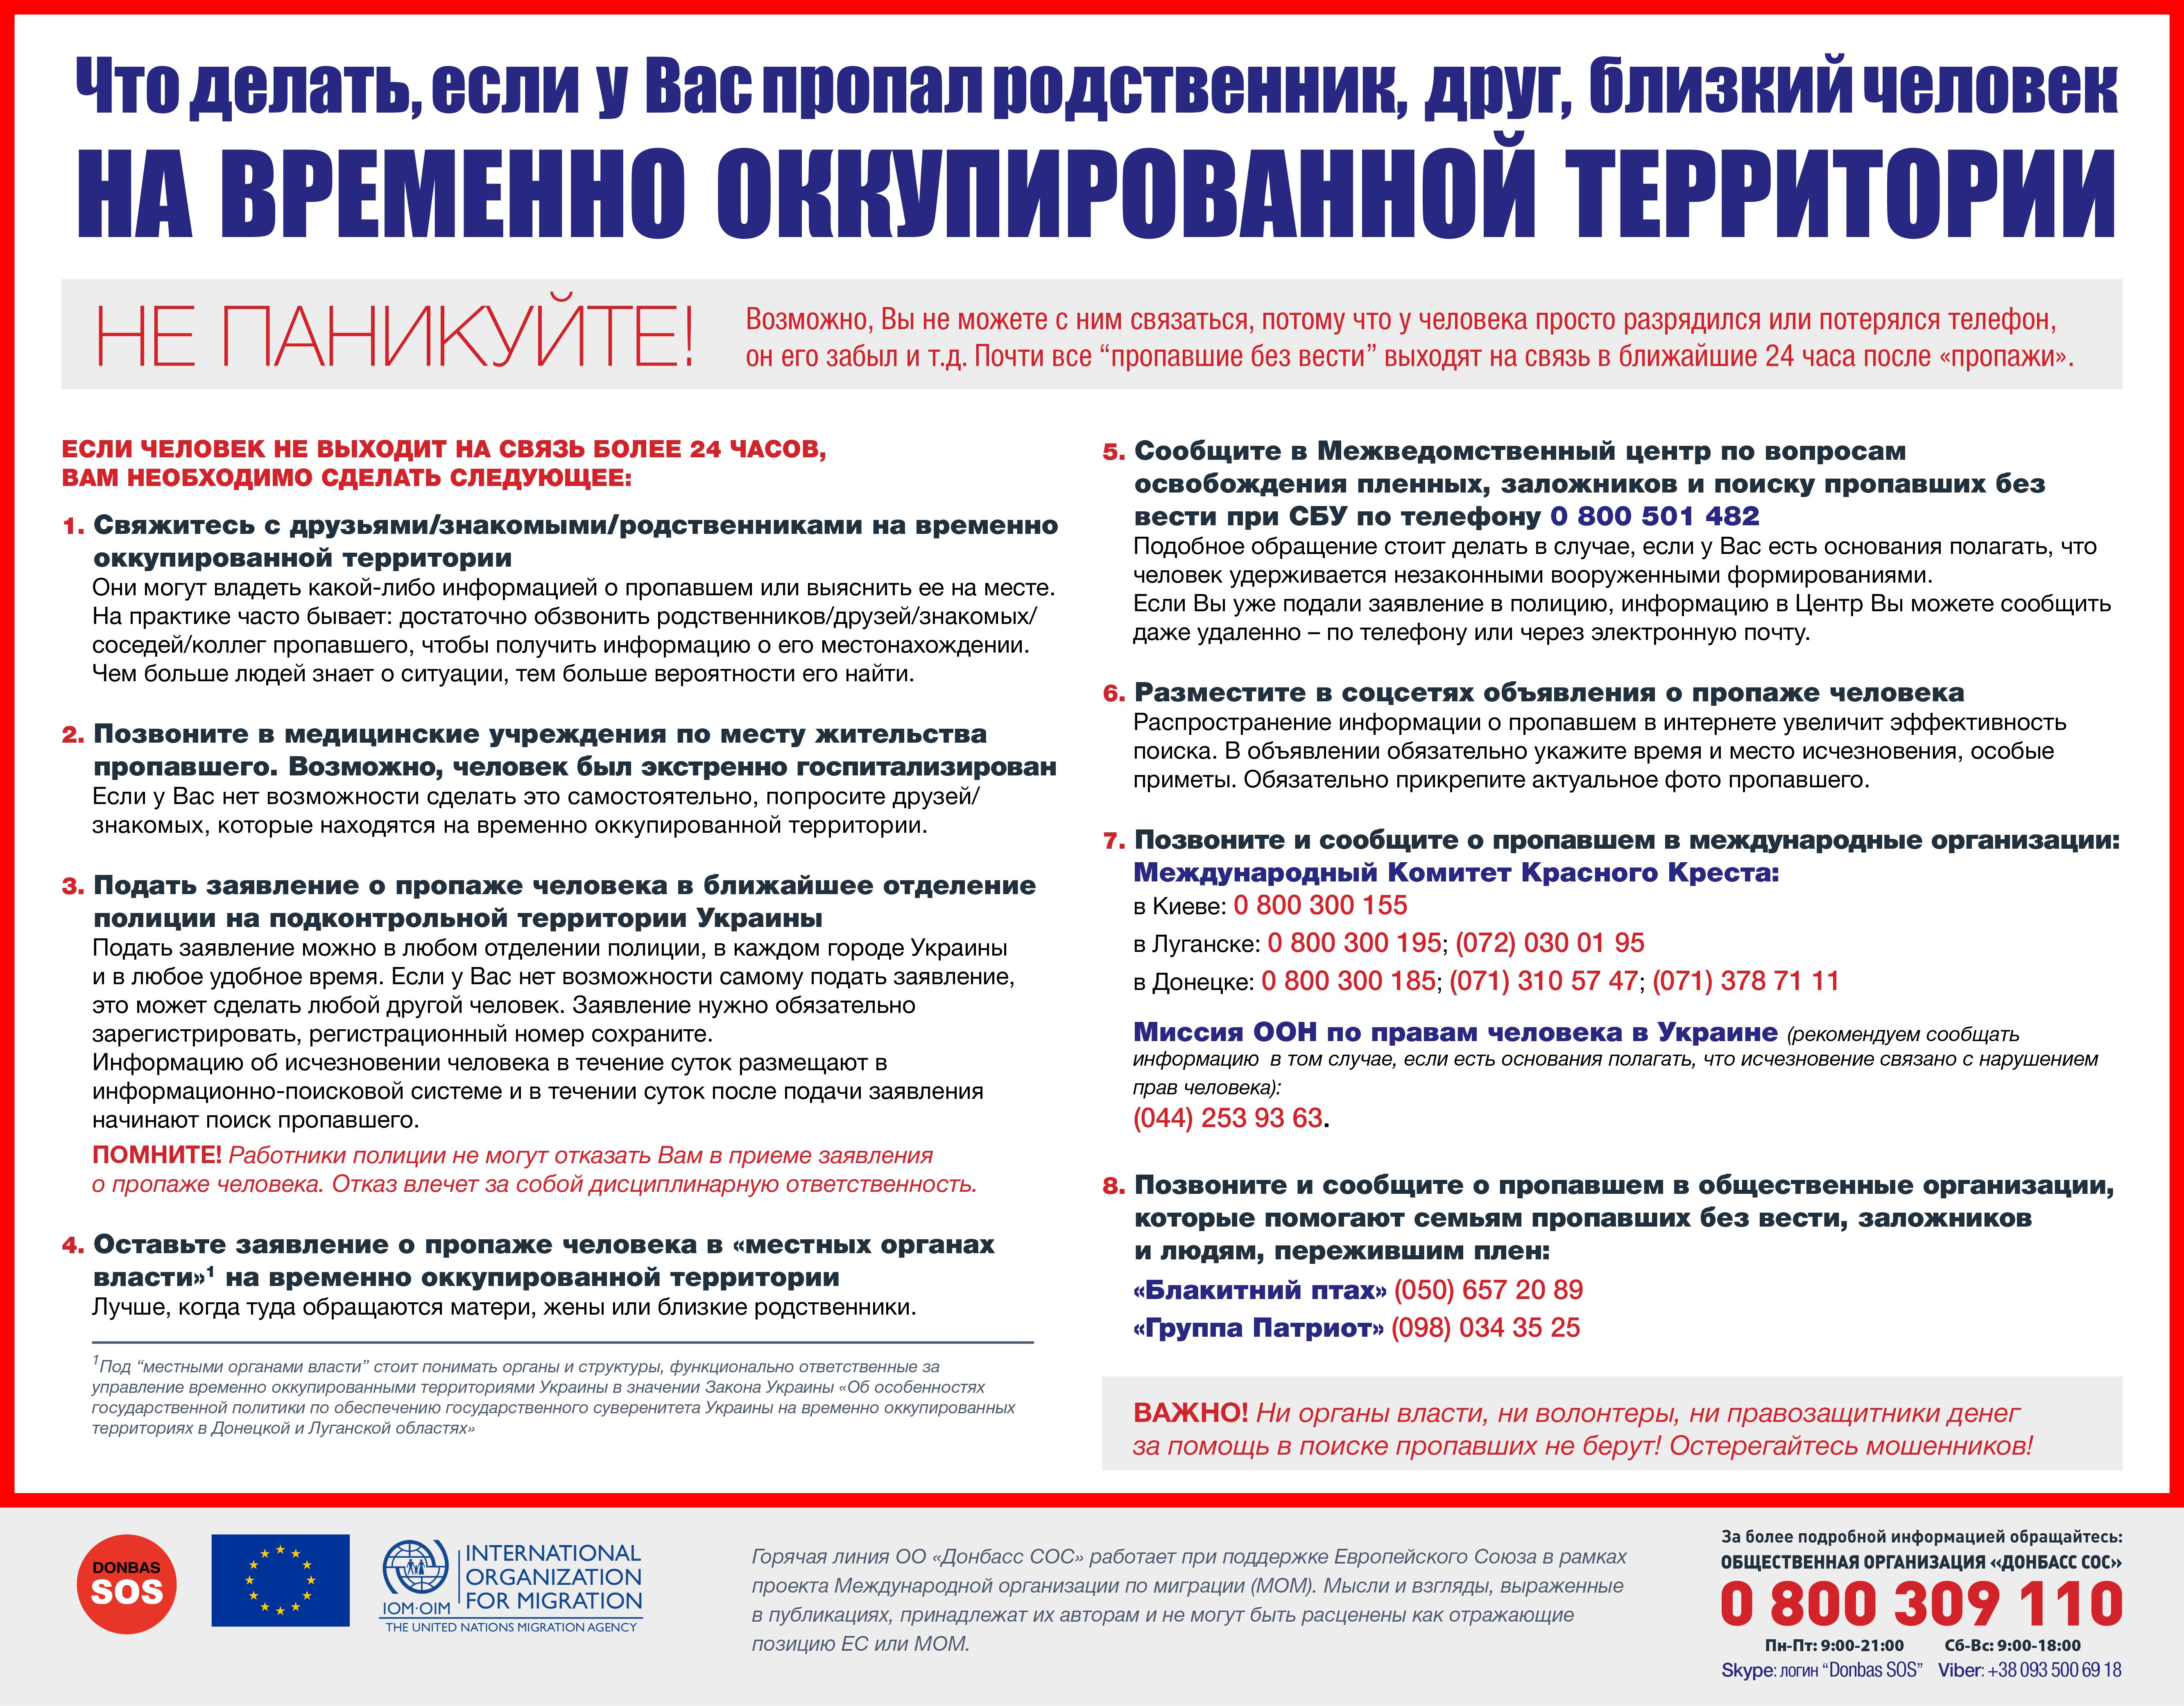 FreeСХІД.ua#30 Колдуны древнего Донбасса, загадка рухнувшего моста и пропавшие родственники